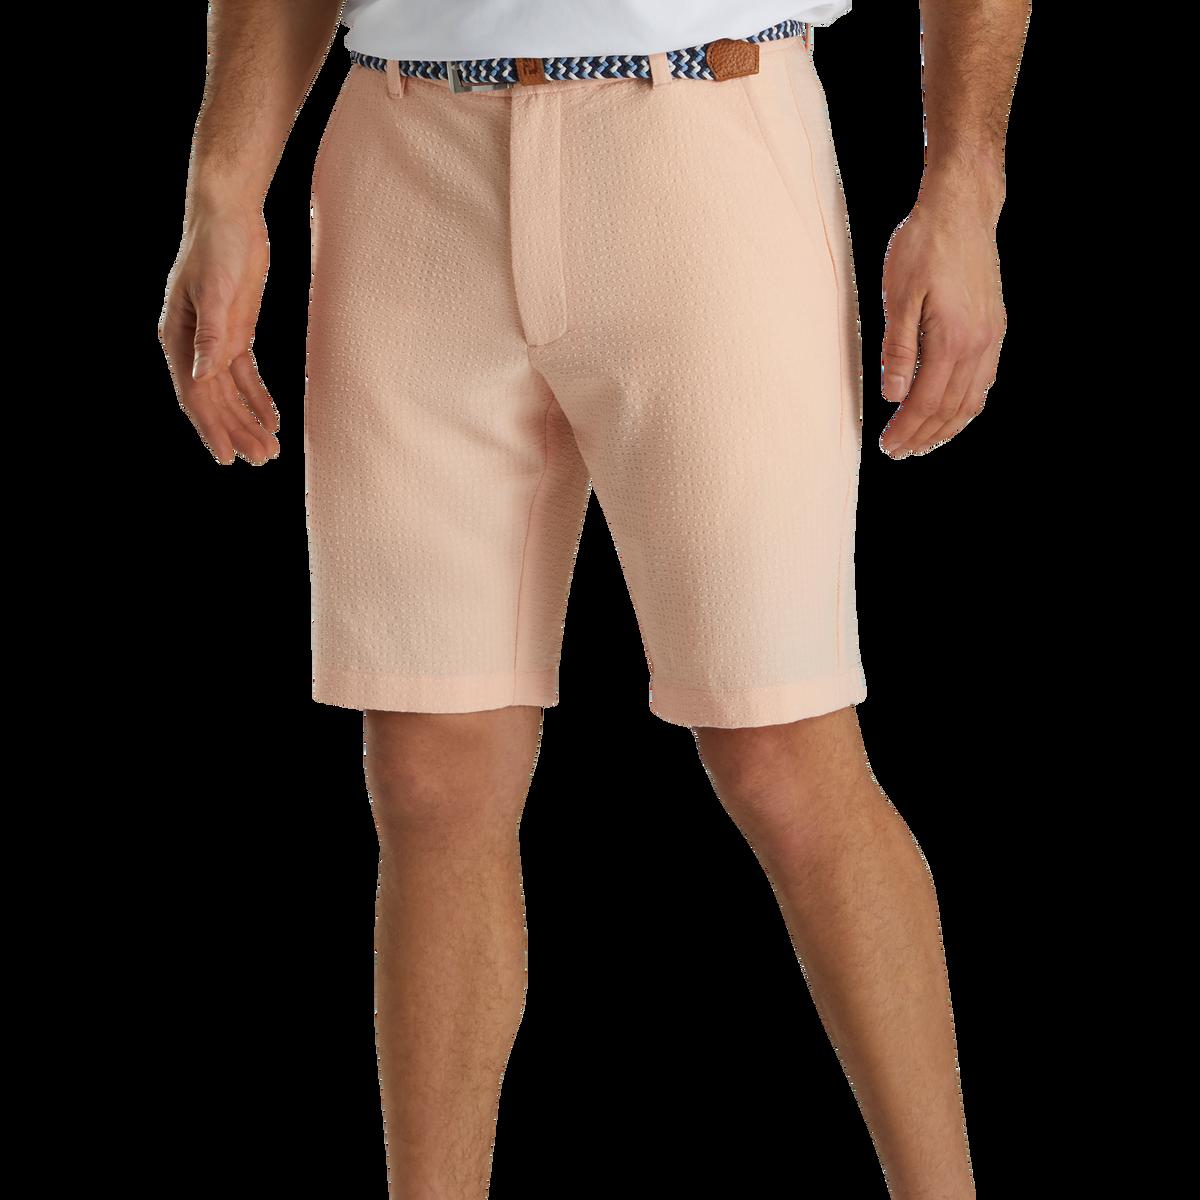 Limited Edition Seersucker 10 Inch Inseam Shorts